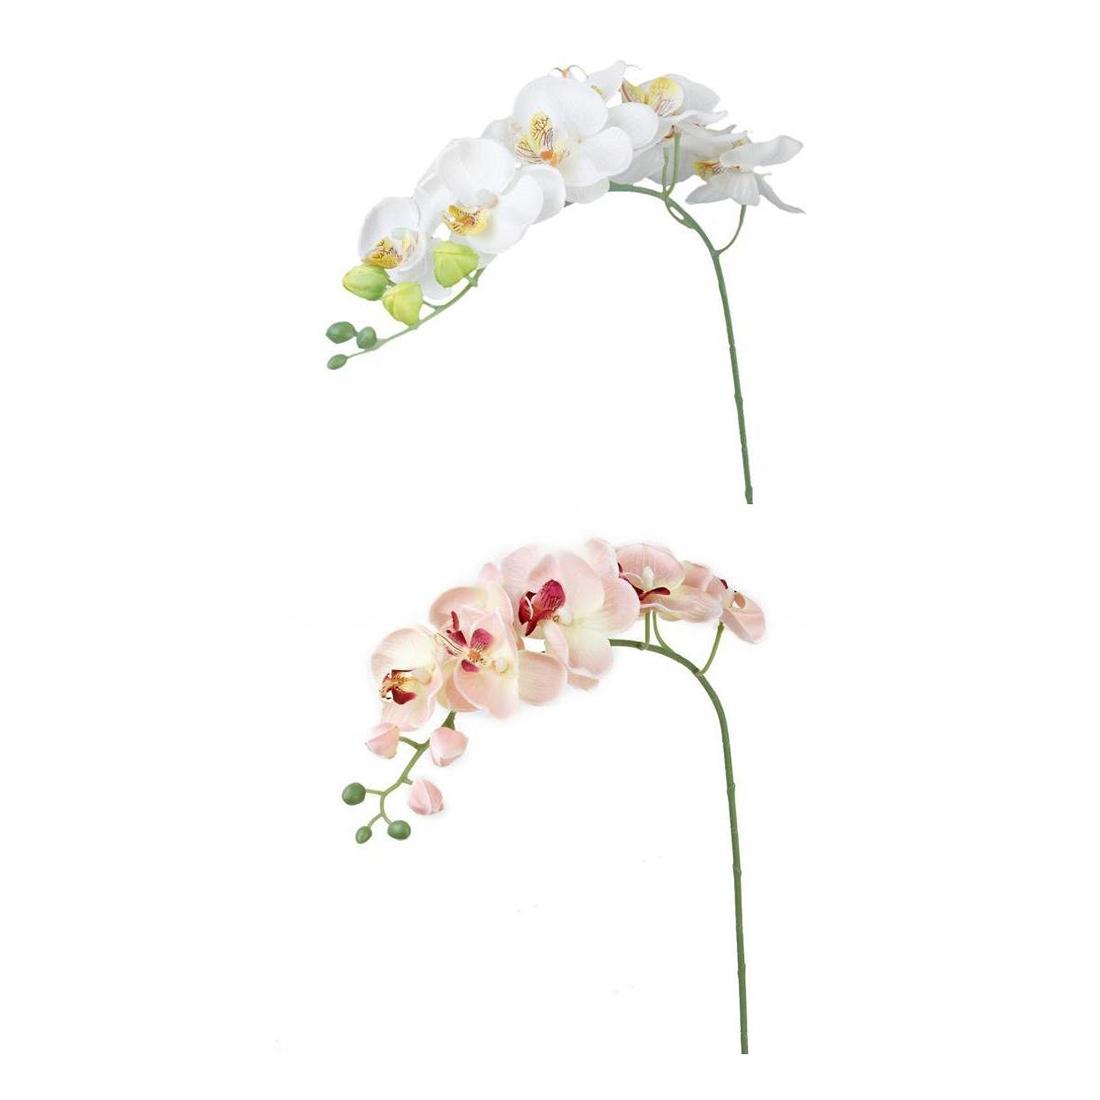 2 zweige schmetterling orchidee kuenstliche blumen fuer hauptdekoration hoc k5i5 ebay. Black Bedroom Furniture Sets. Home Design Ideas